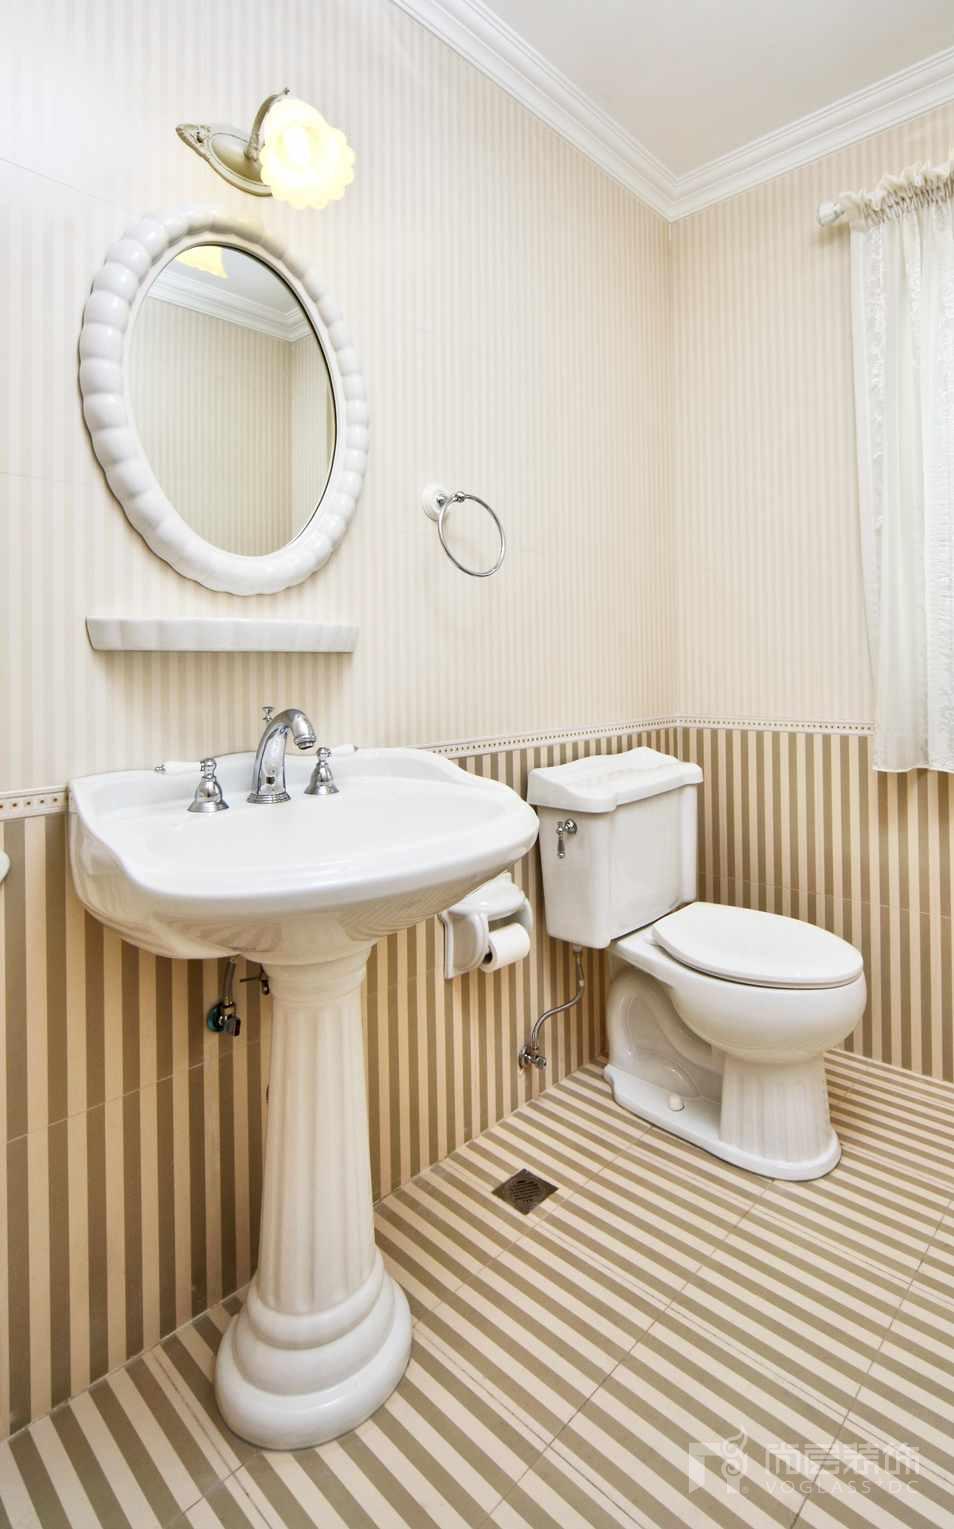 君山高尔夫美式卫生间别墅装修实景图